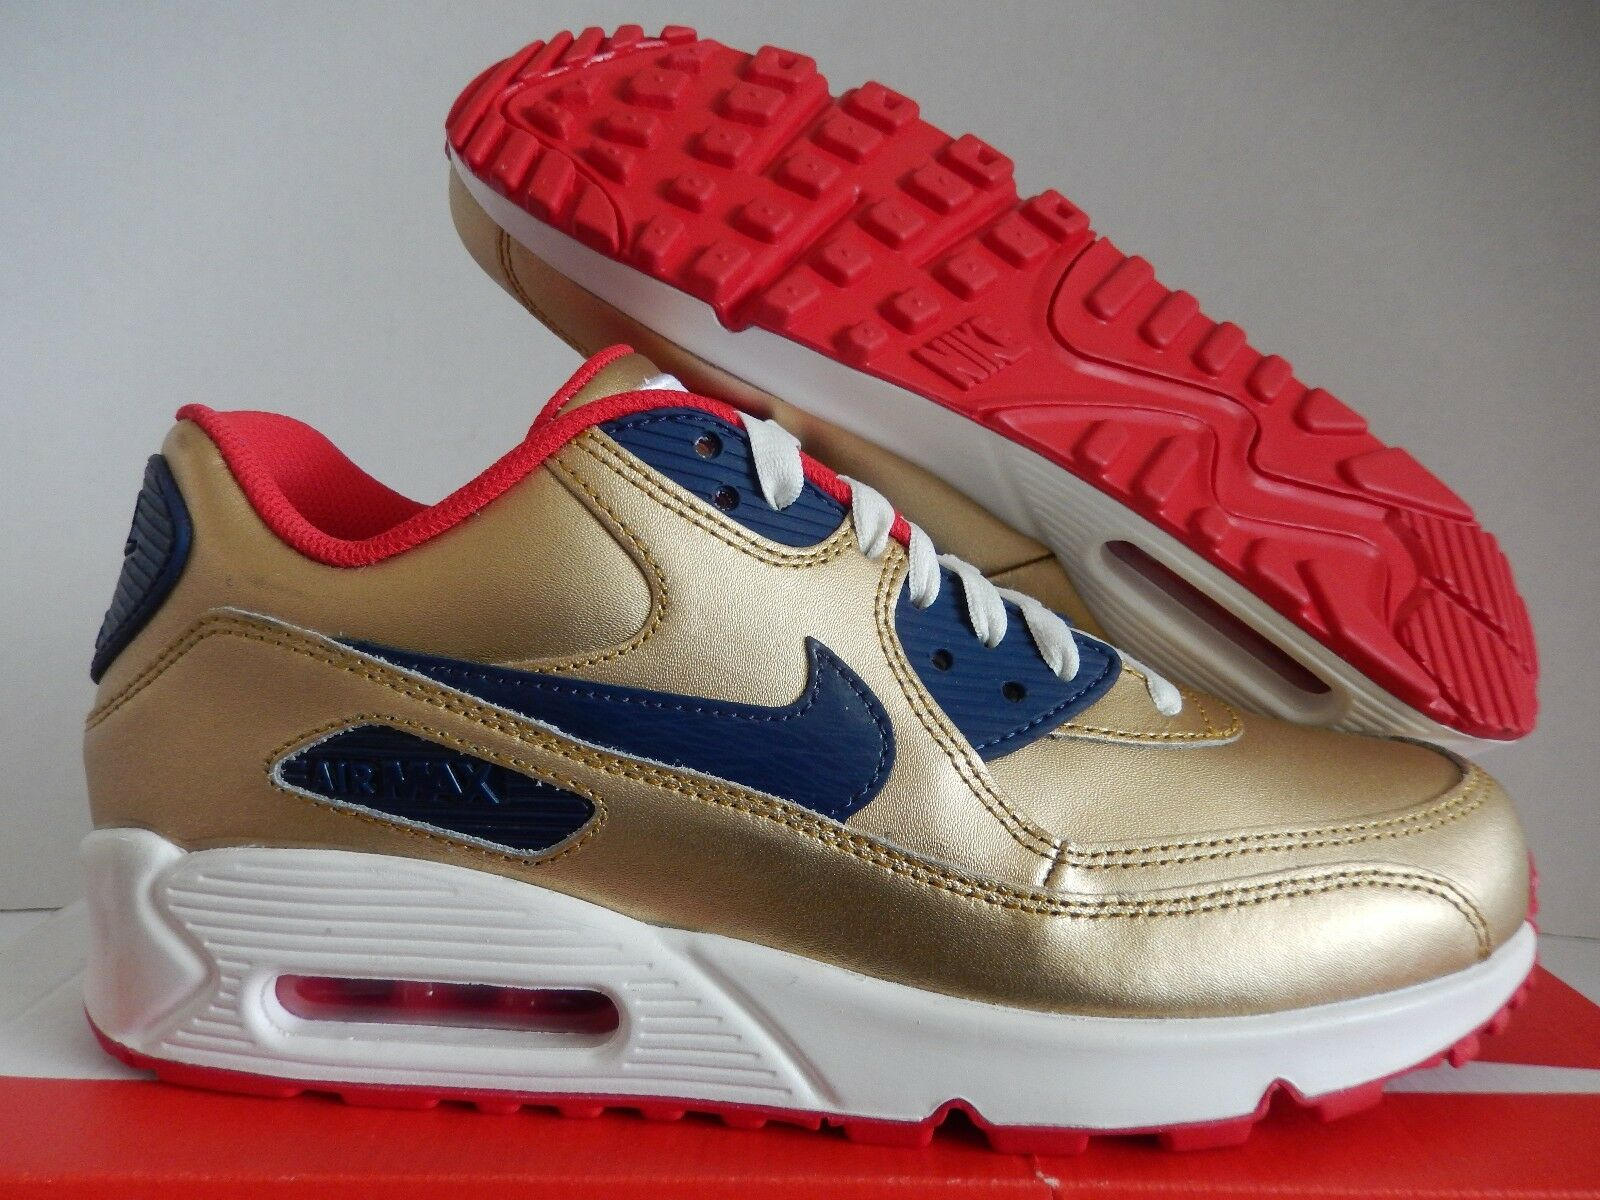 Nike air max 8,5 90 id gold-navy blue-white-red sz 8,5 max - 931902-994] e870d5